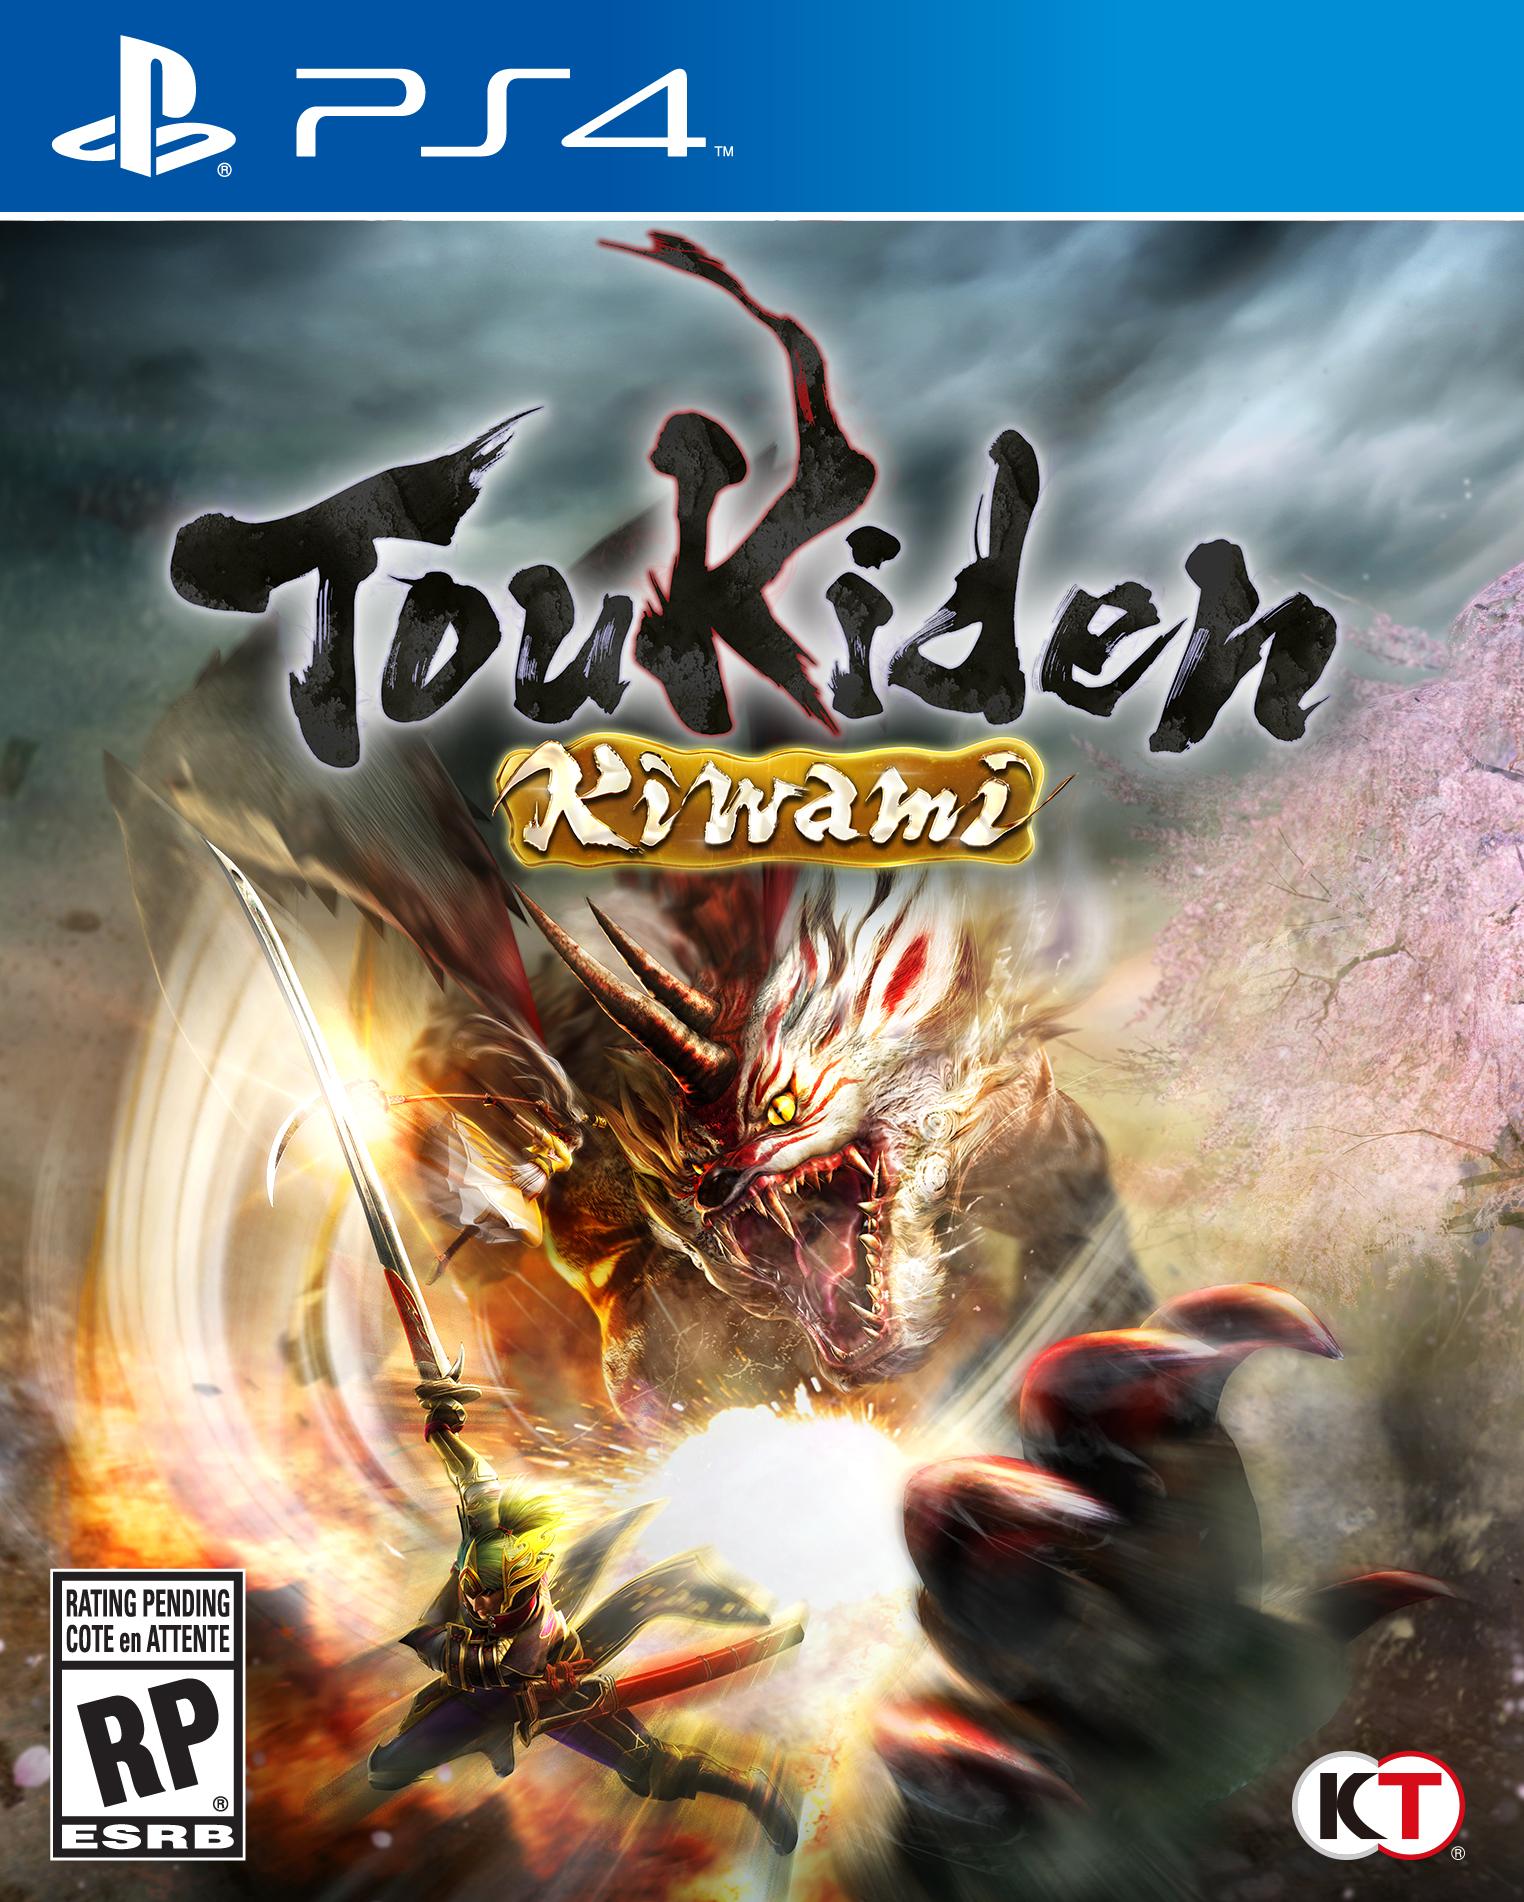 Toukiden Kiwami cover PS4 USA